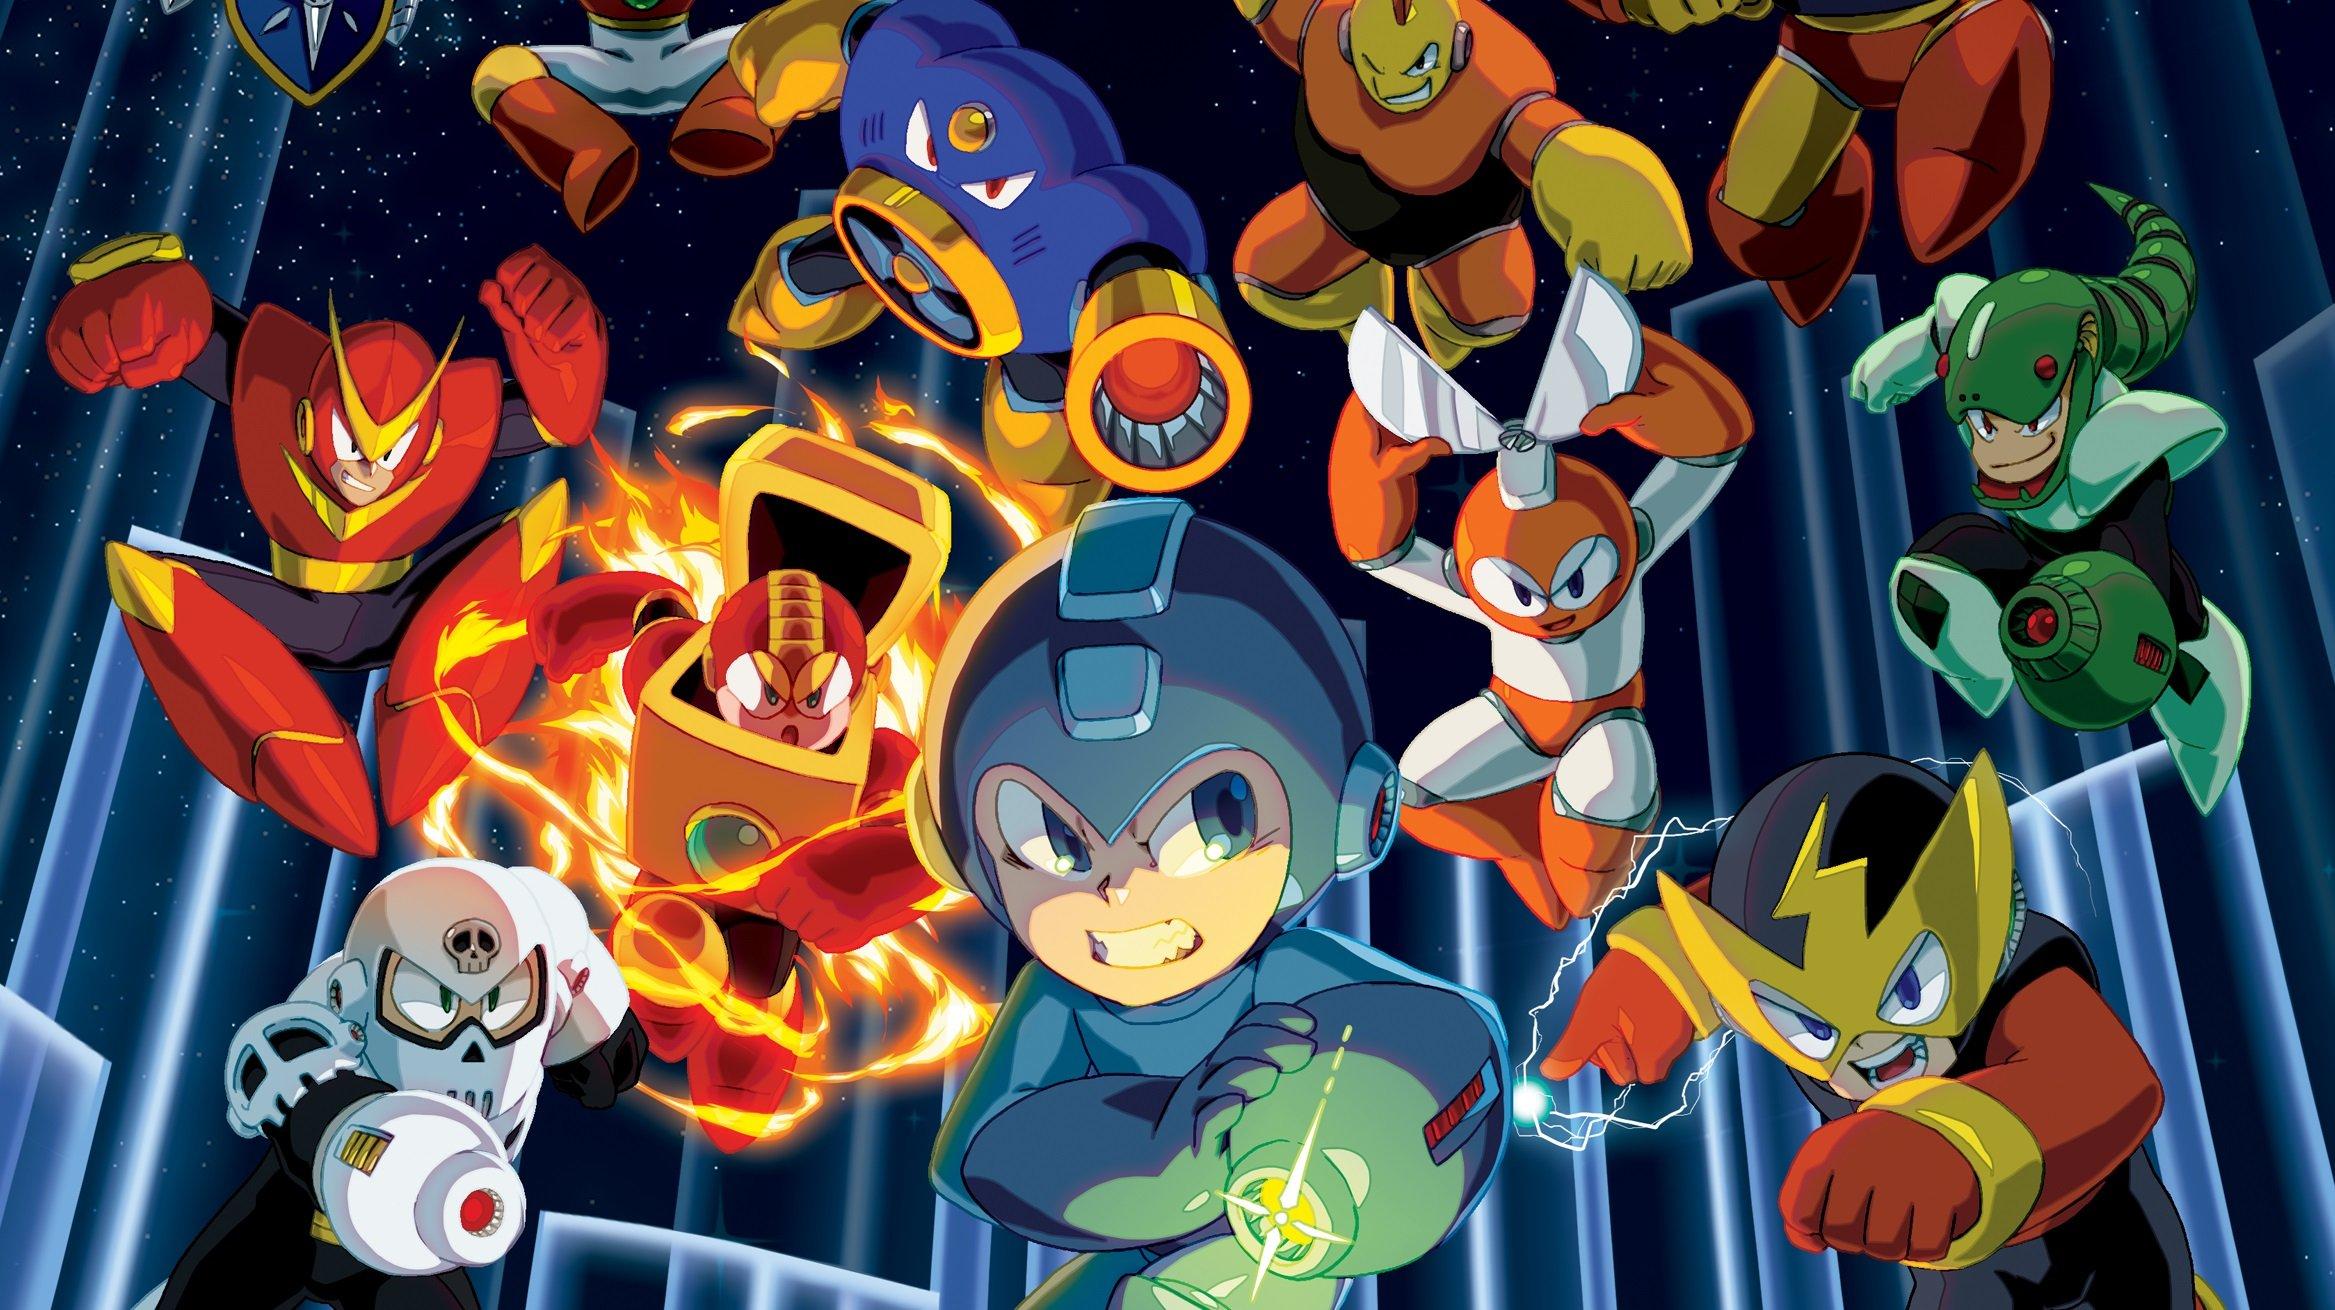 Mega Man 11 reçoit une nouvelle bande-annonce, date de sortie confirmée